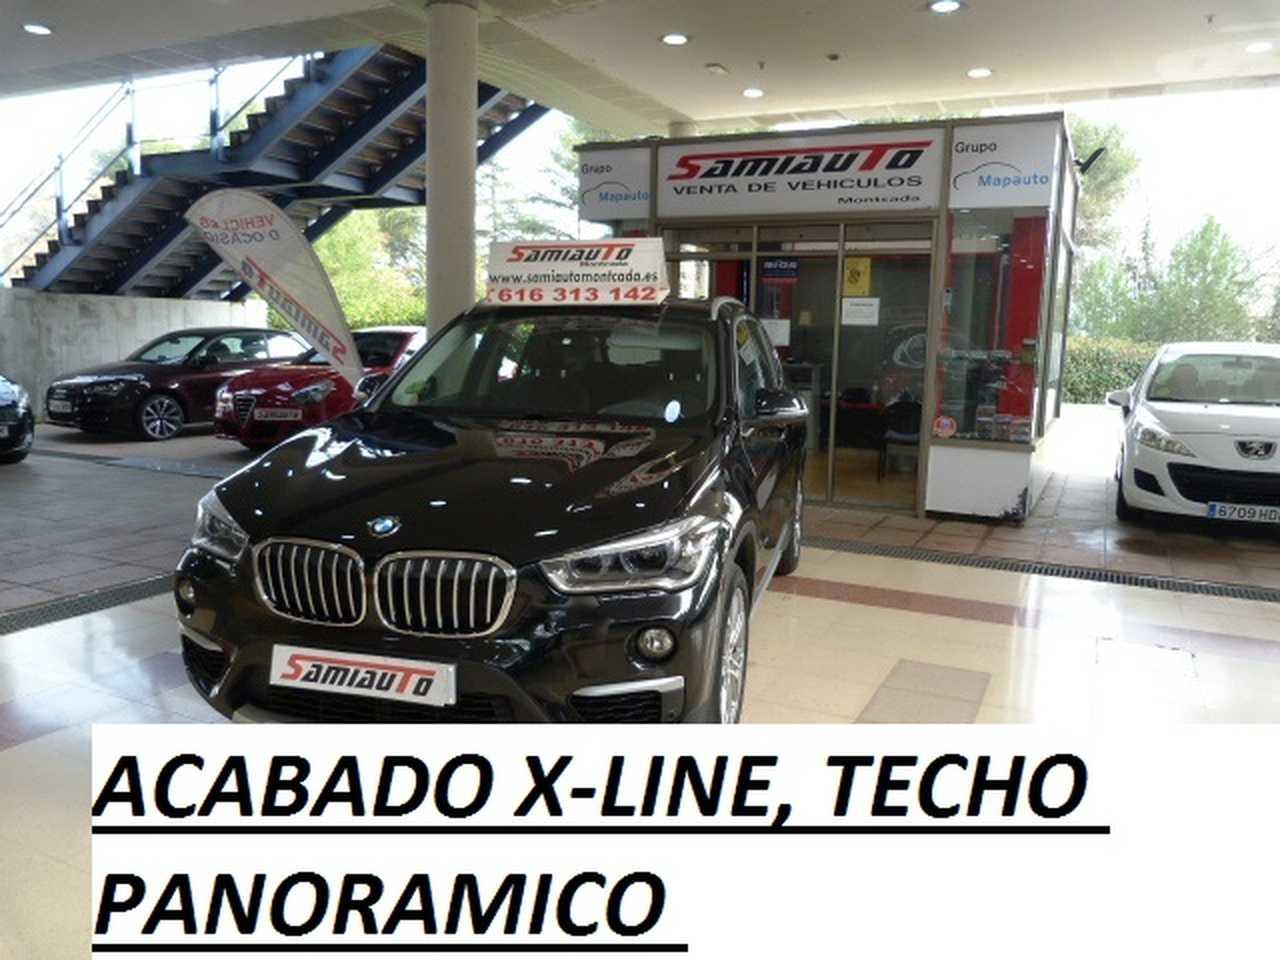 BMW X1 X1 sDrive18d 5p. UN SOLO PROPIETARIO LIBRO DE REVISIONES  - Foto 1